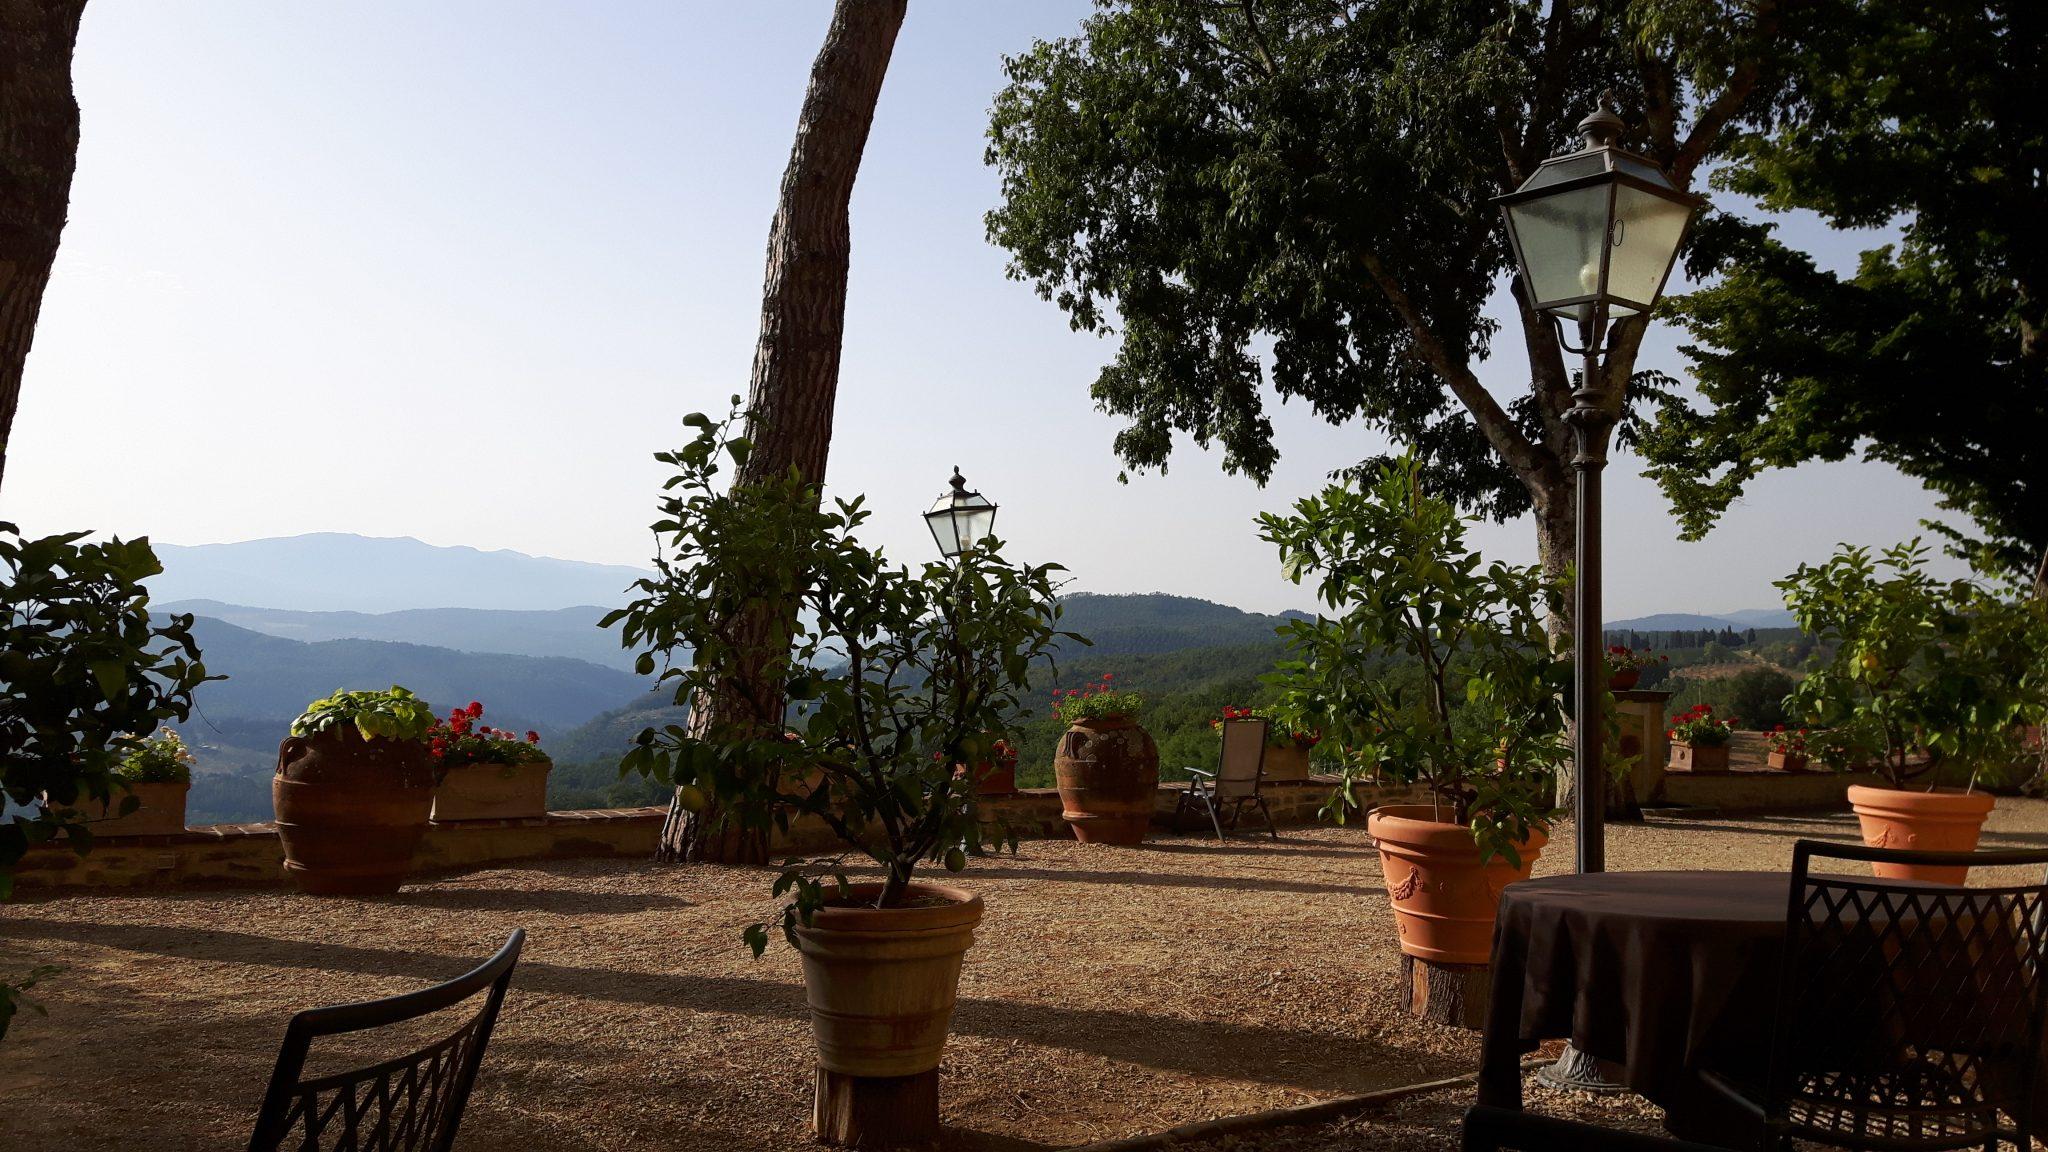 Piatti toscani e relax, sulle colline a Fiesole